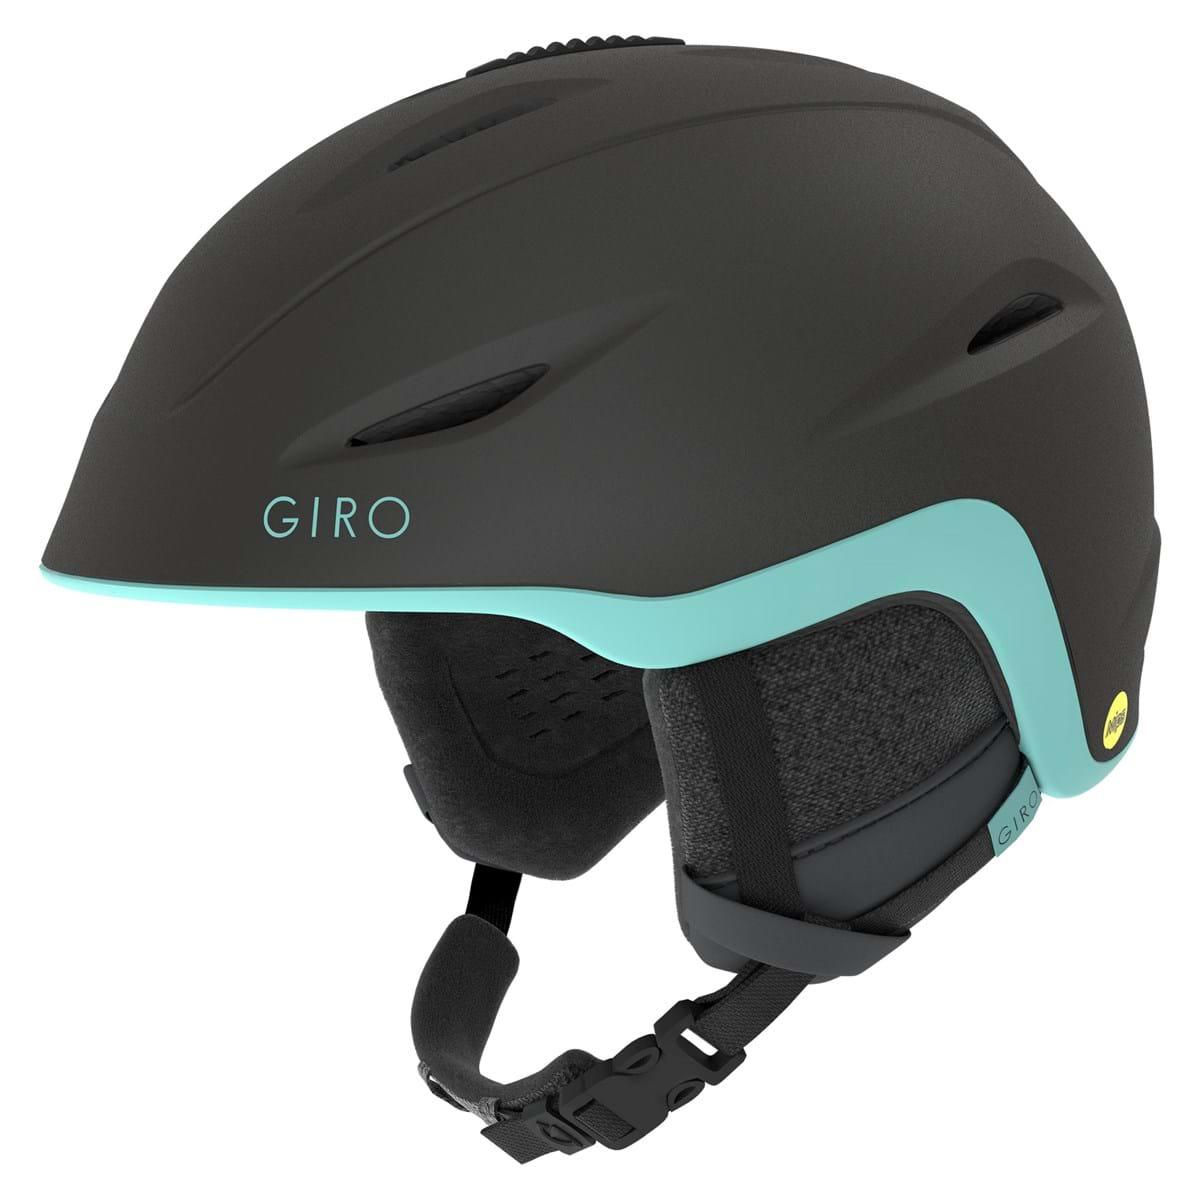 Fade MIPS Women's Snow Helmet